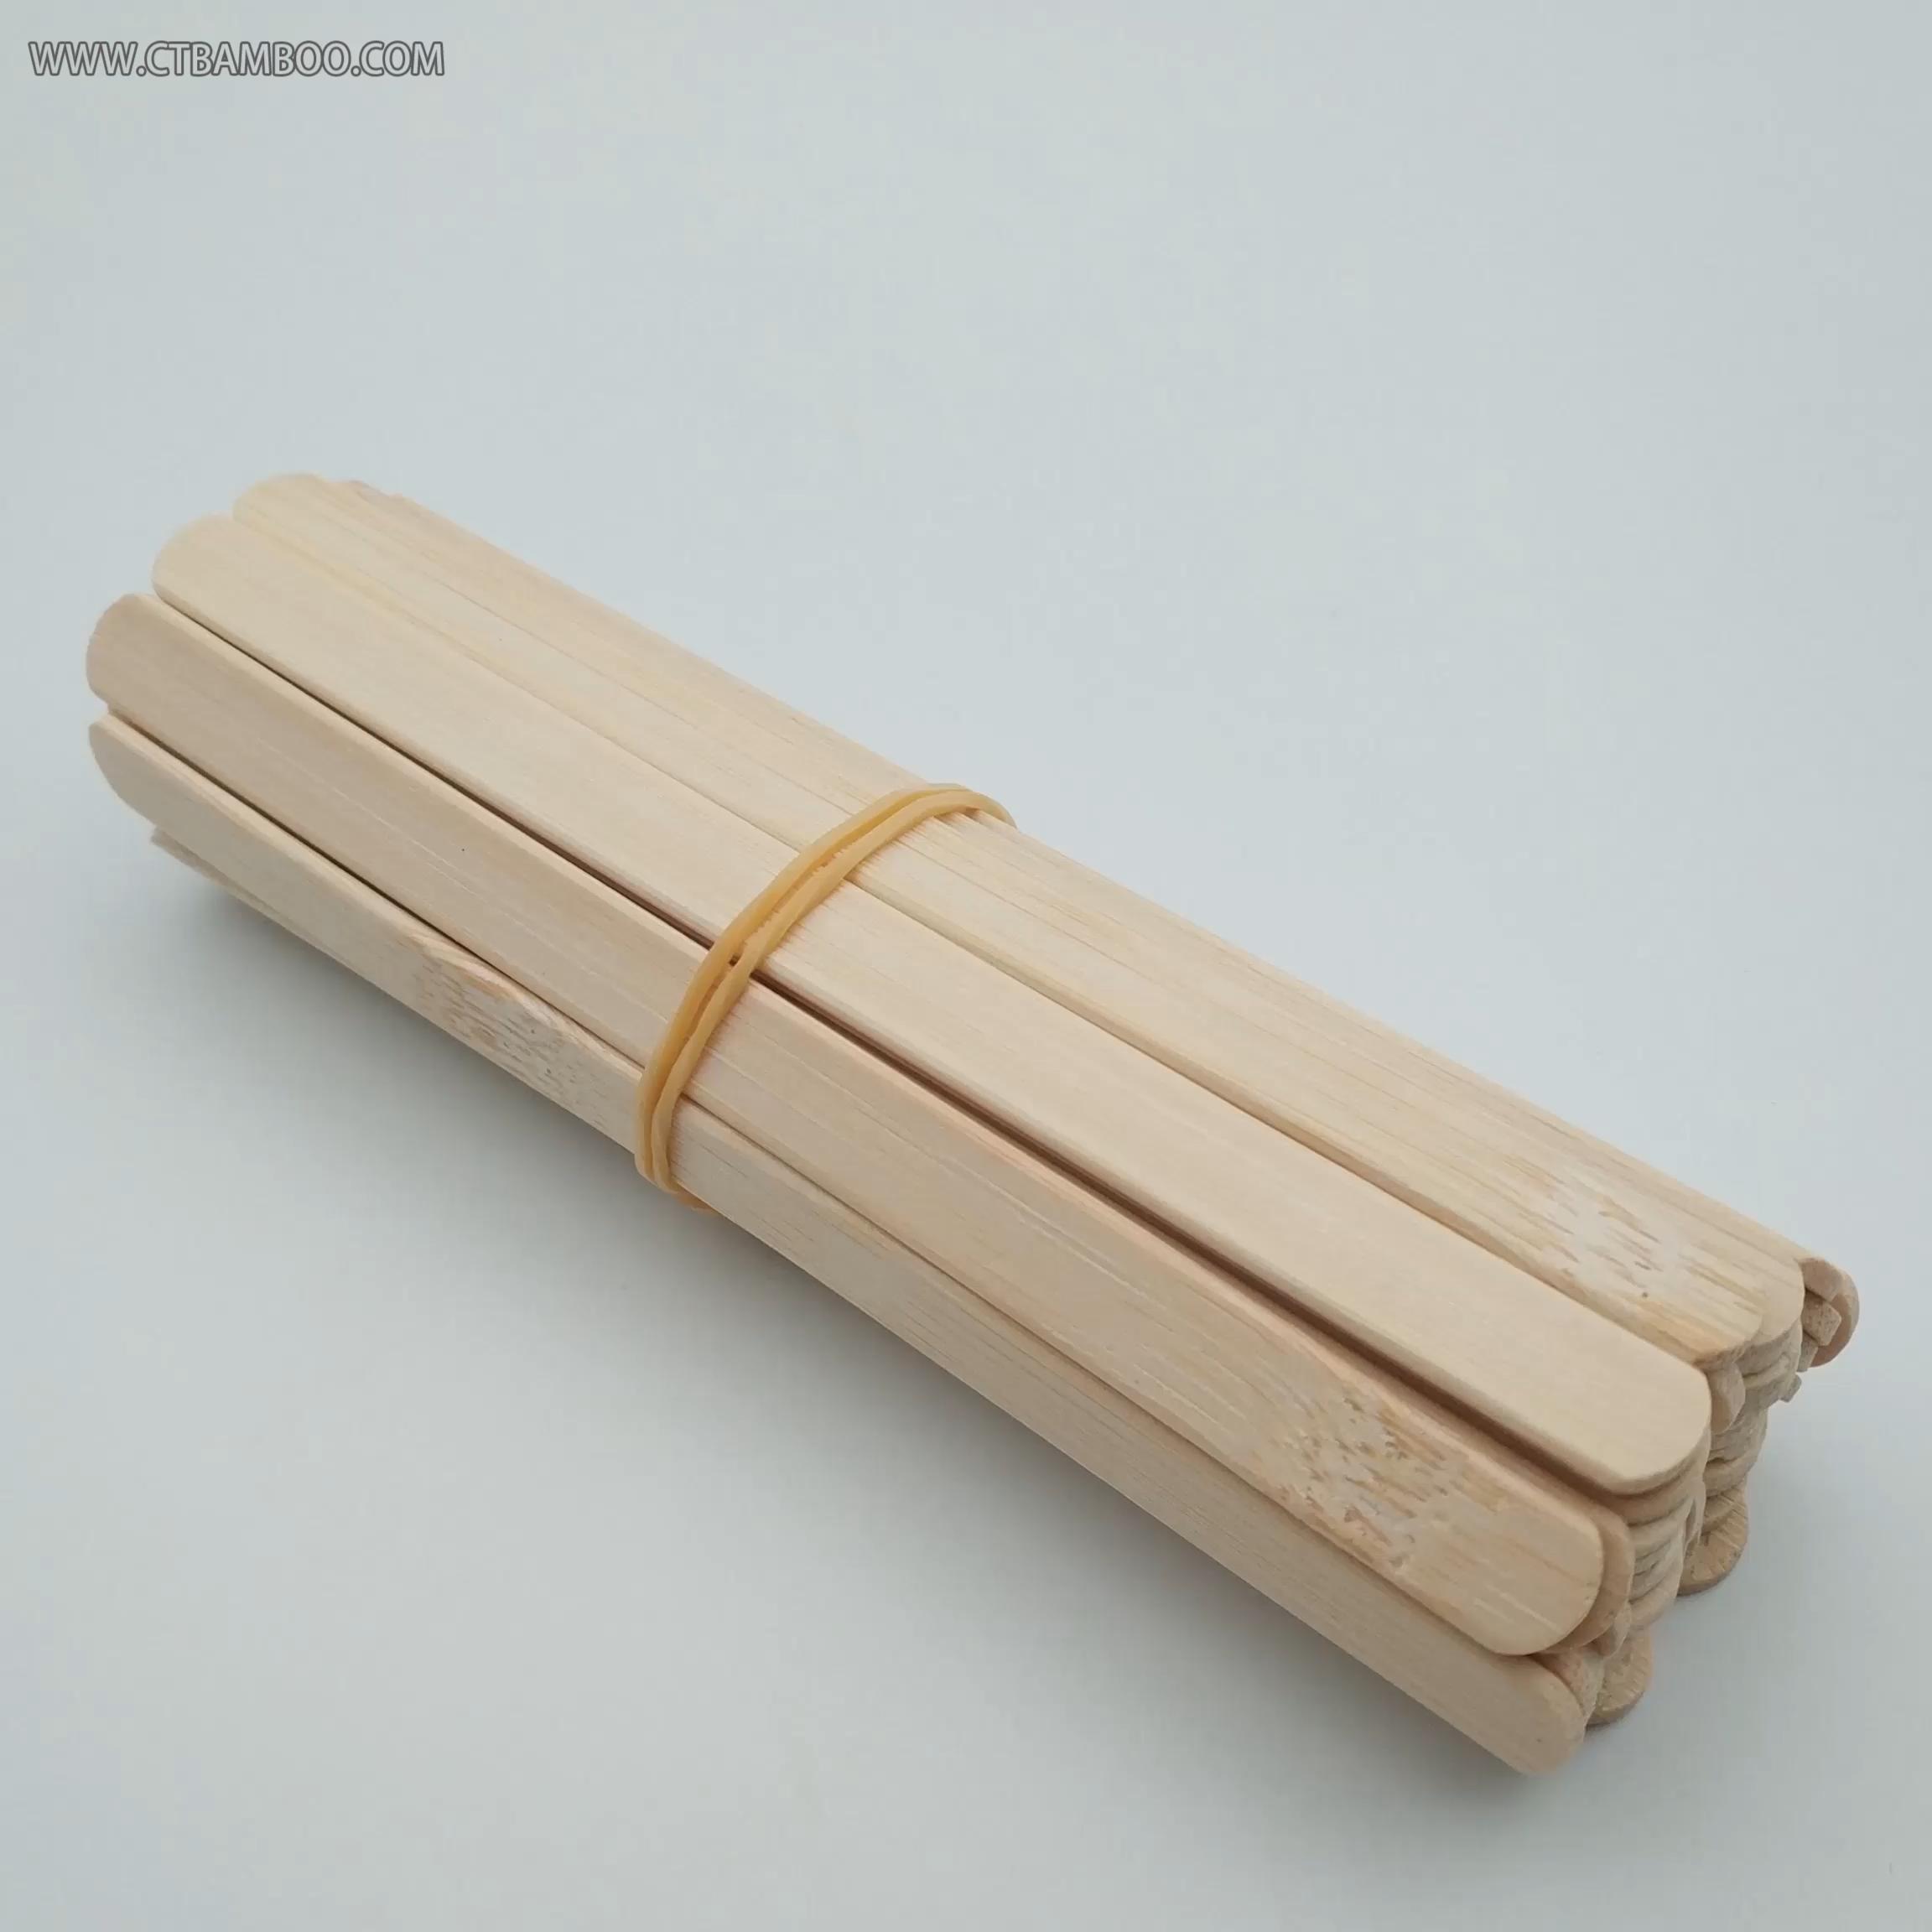 Wooden bamboo Beauty Wax Hair Removal Stick Depilatory Wax Bikini Stick